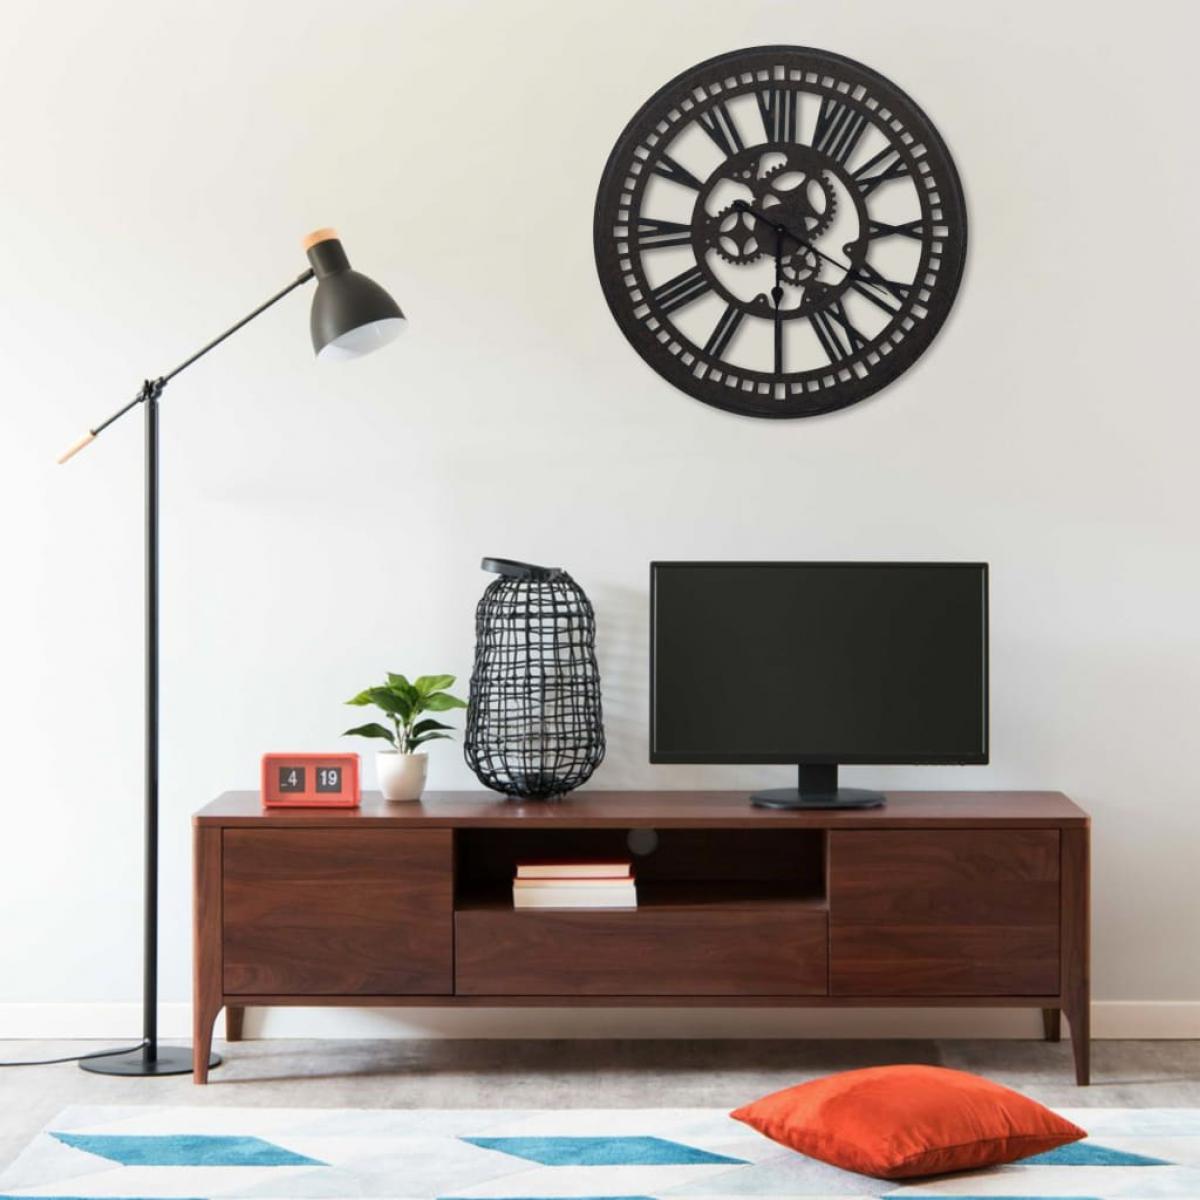 Vidaxl vidaXL Horloge murale Noir 80 cm MDF